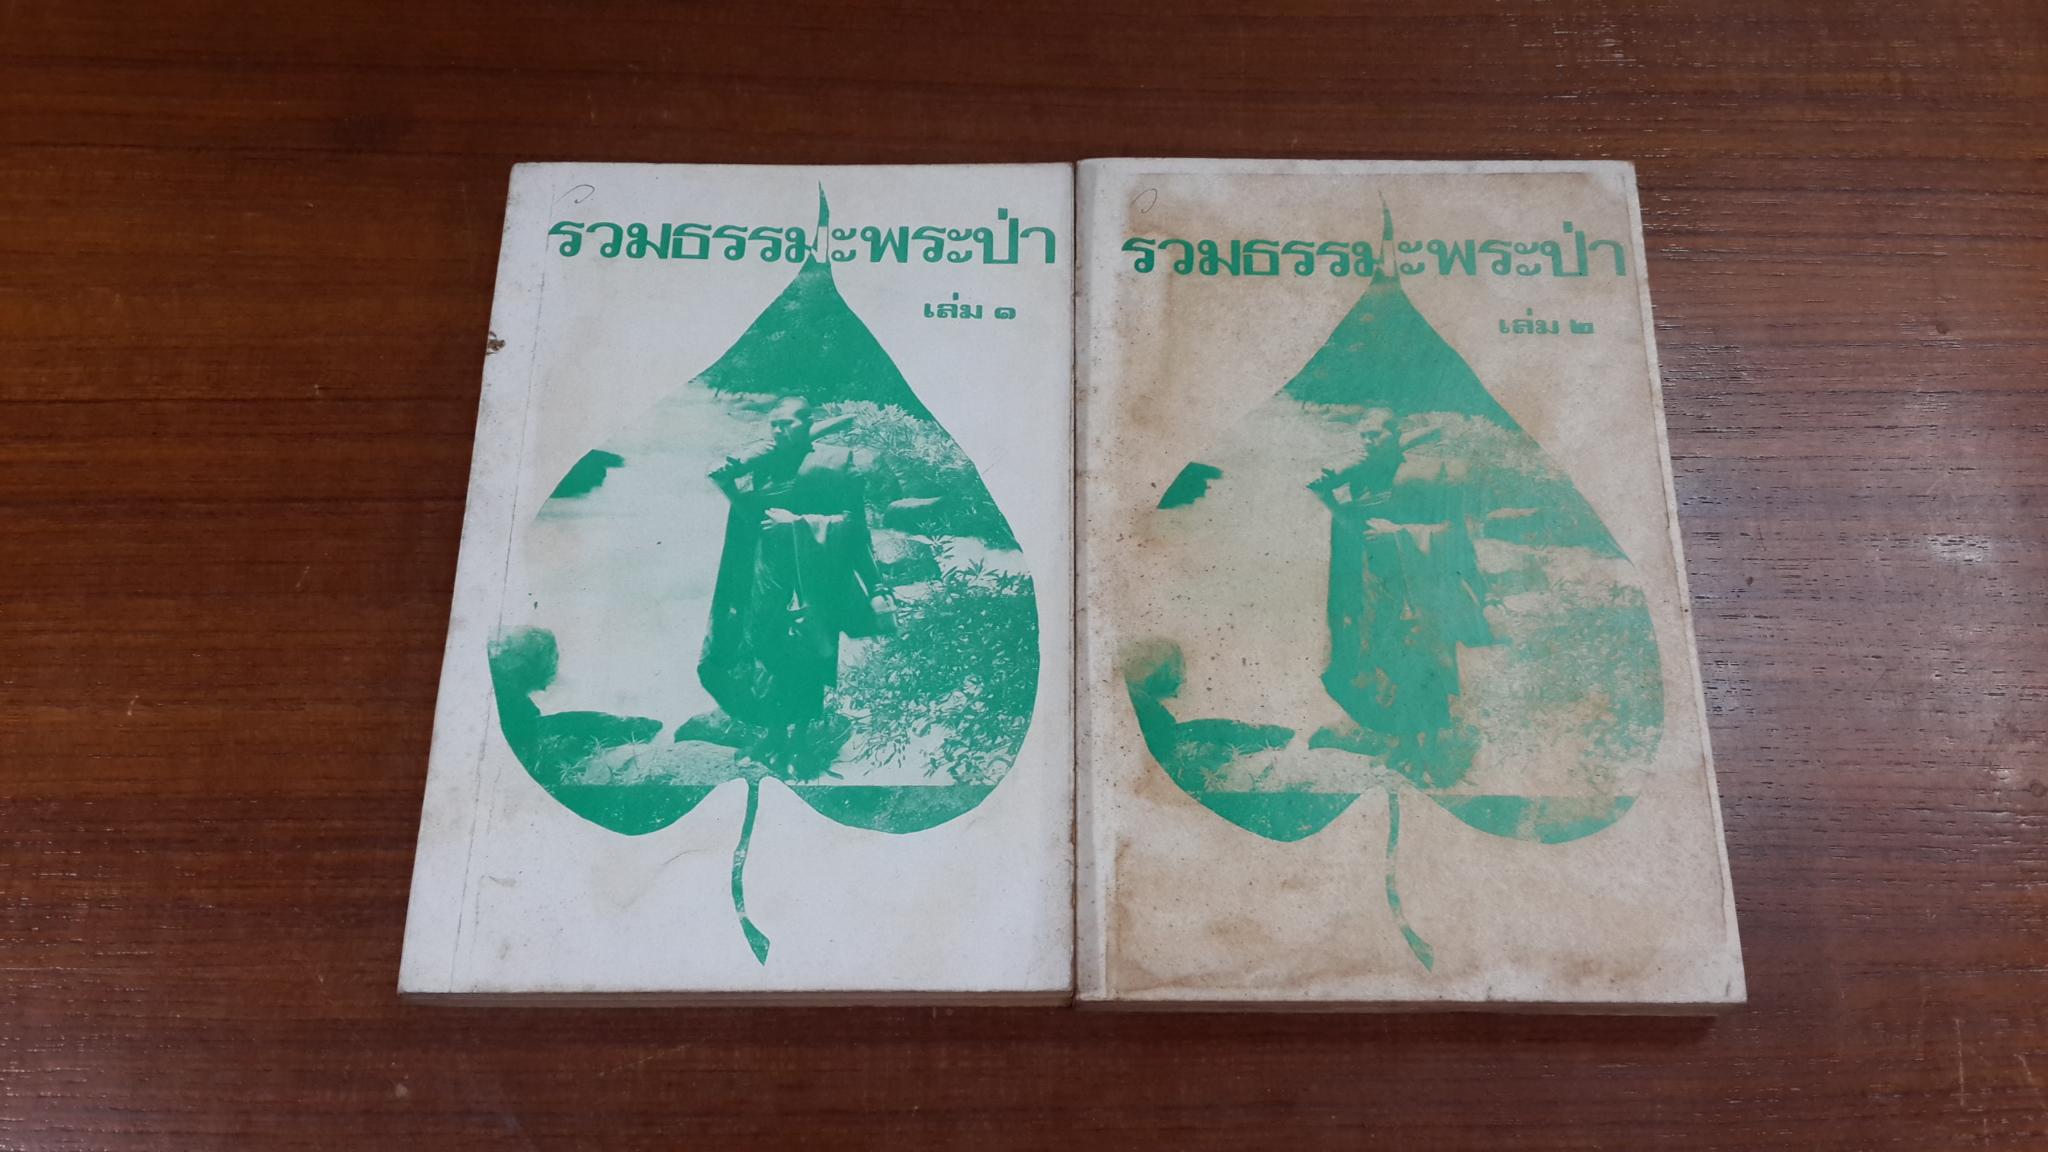 รวมธรรมะพระป่า เล่ม ๑-๒ / มนัส อุปถัมภากุล